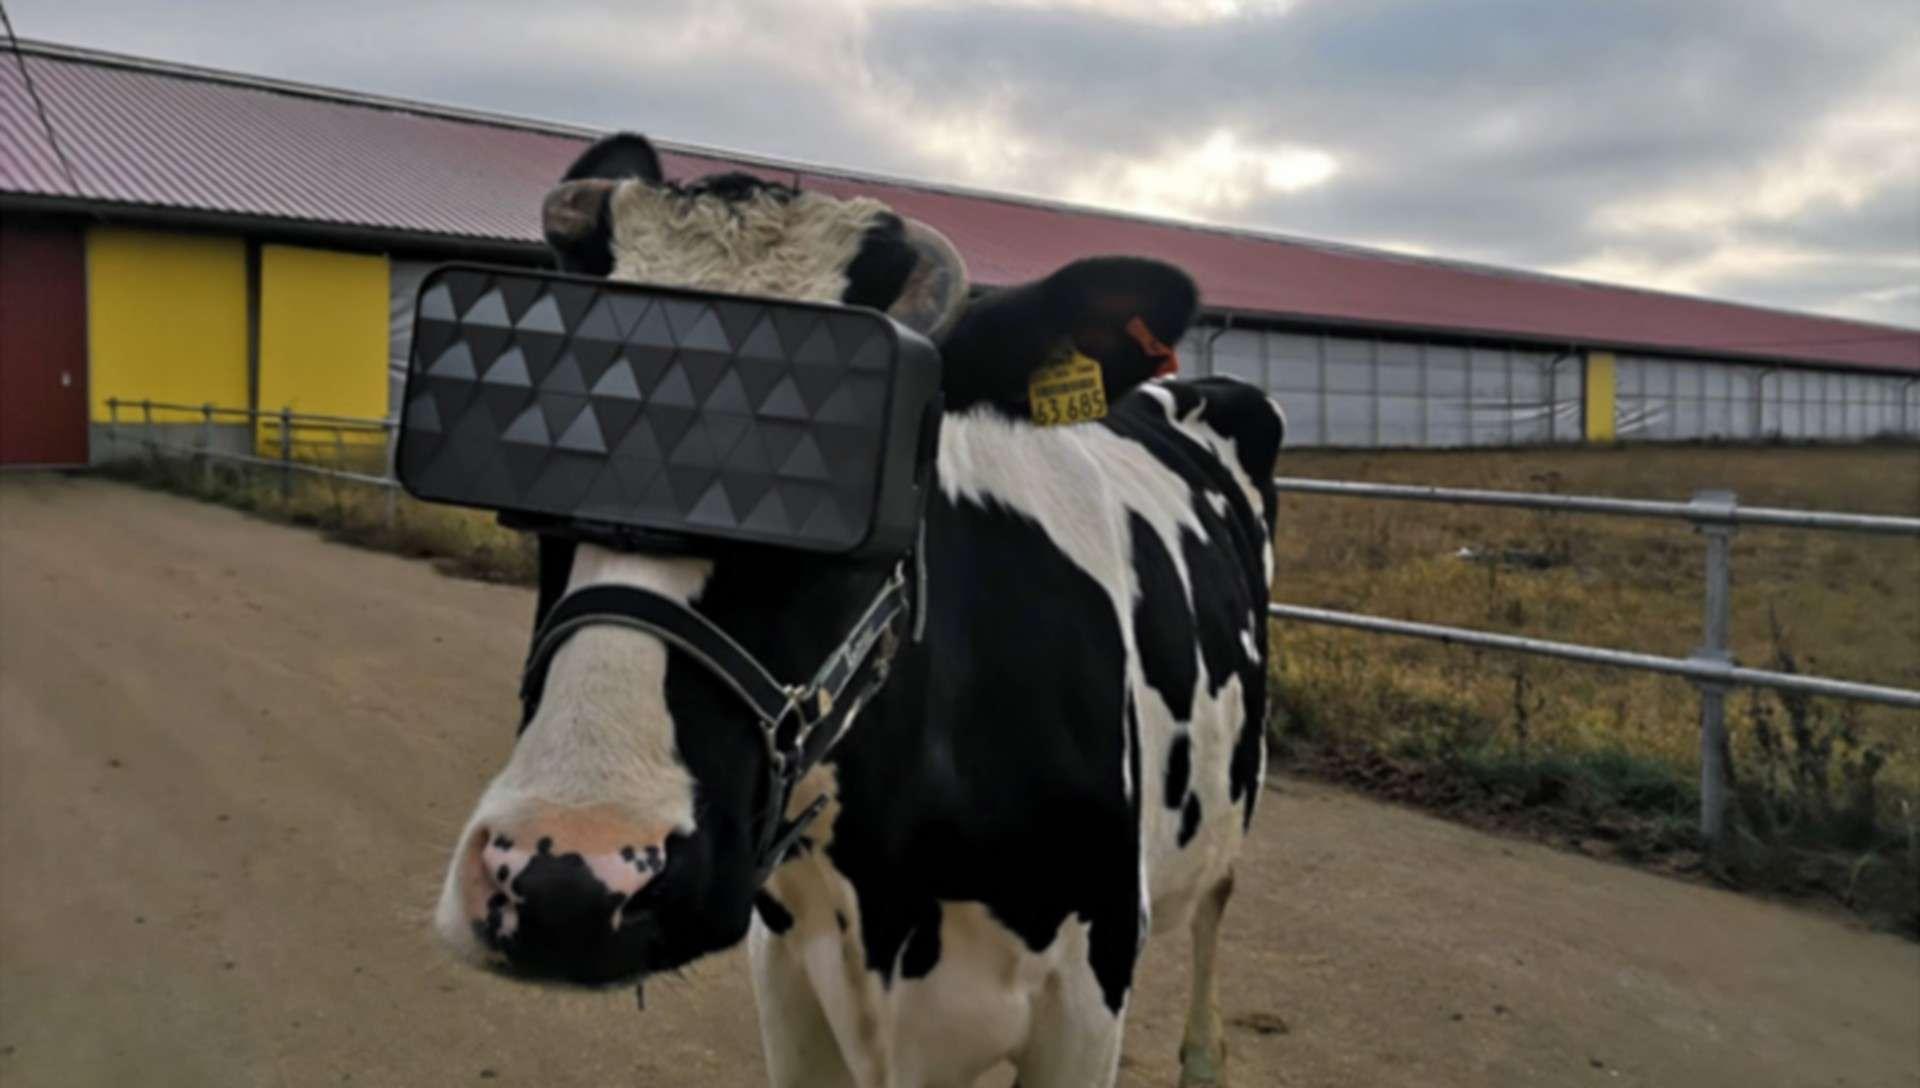 Pourquoi cette vache a-t-elle un casque de réalité virtuelle sur la tête ?